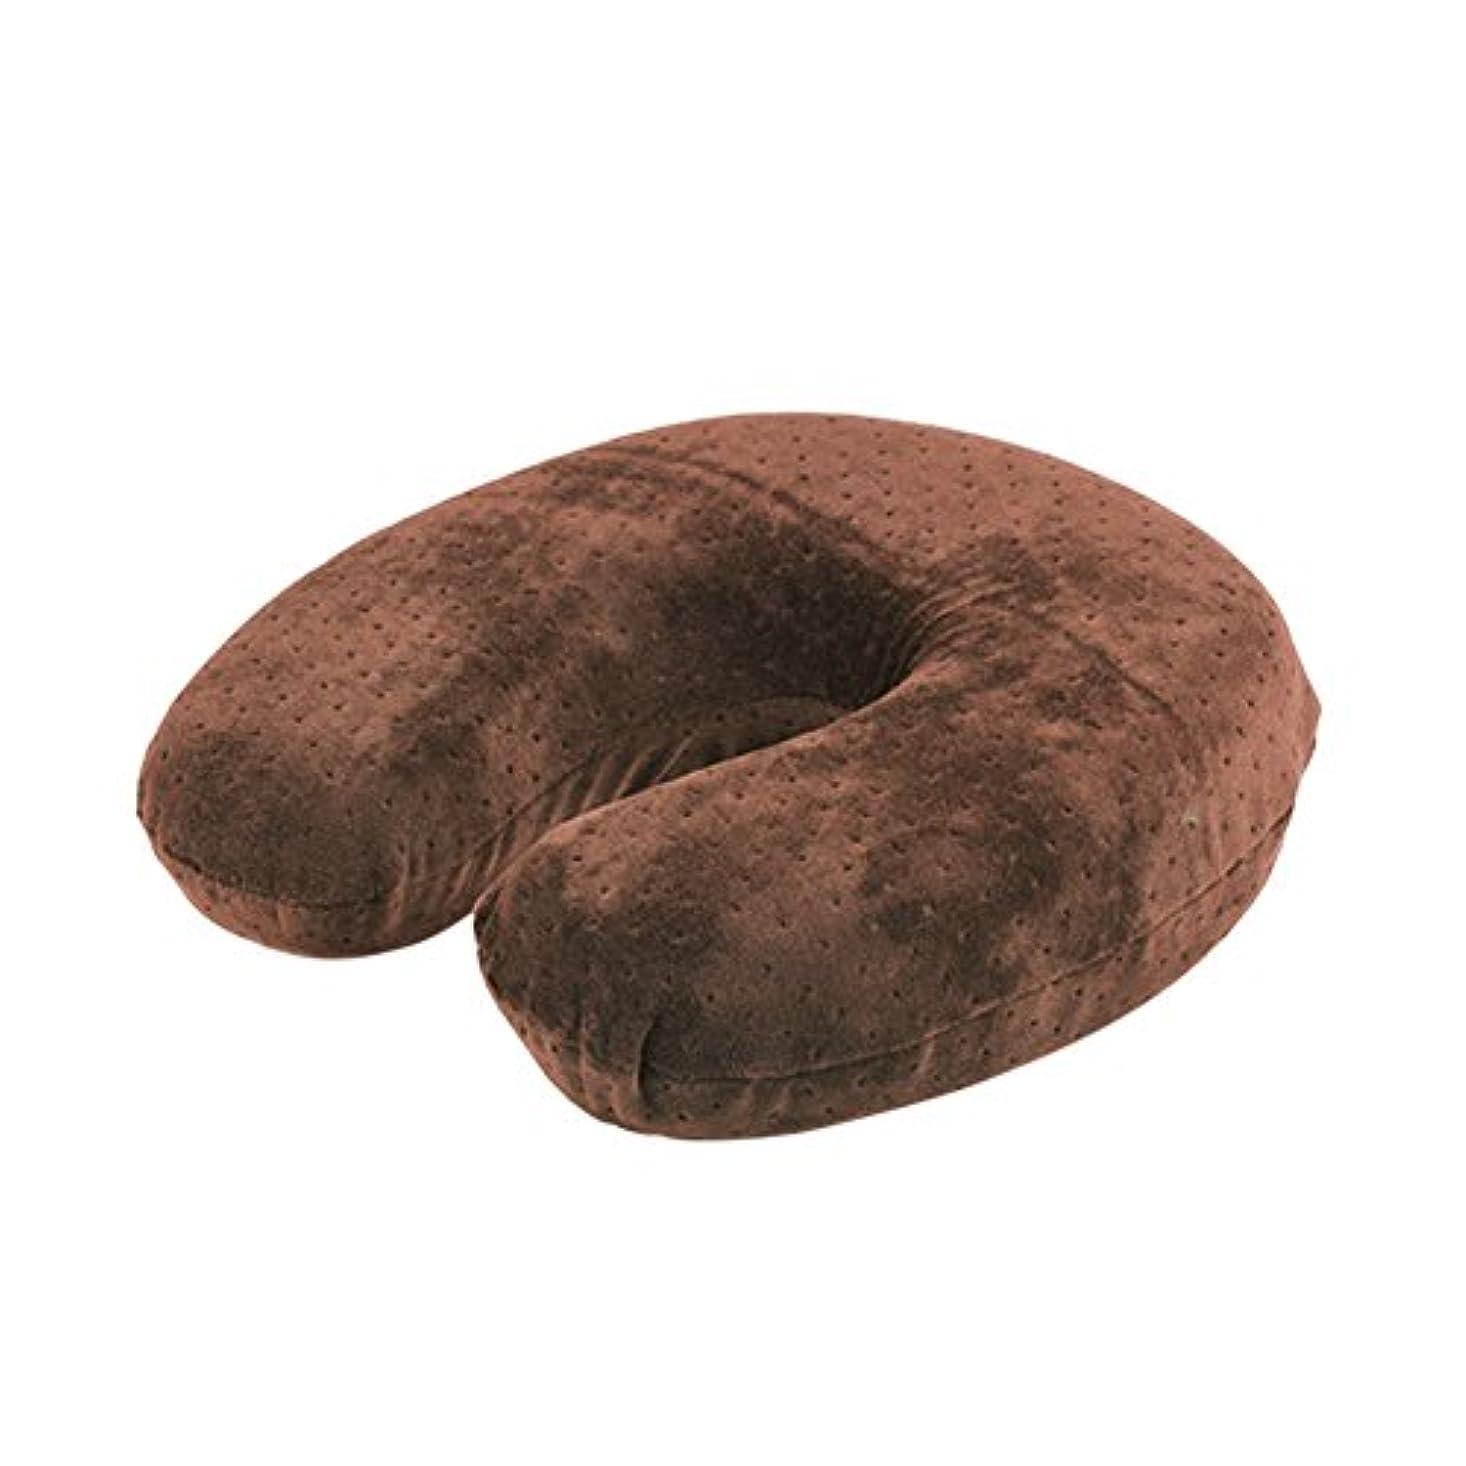 不確実迅速ライターU字型枕、ビロードの反発の記憶泡の首の頭部の頚部枕残り旅行クッション(Brown)